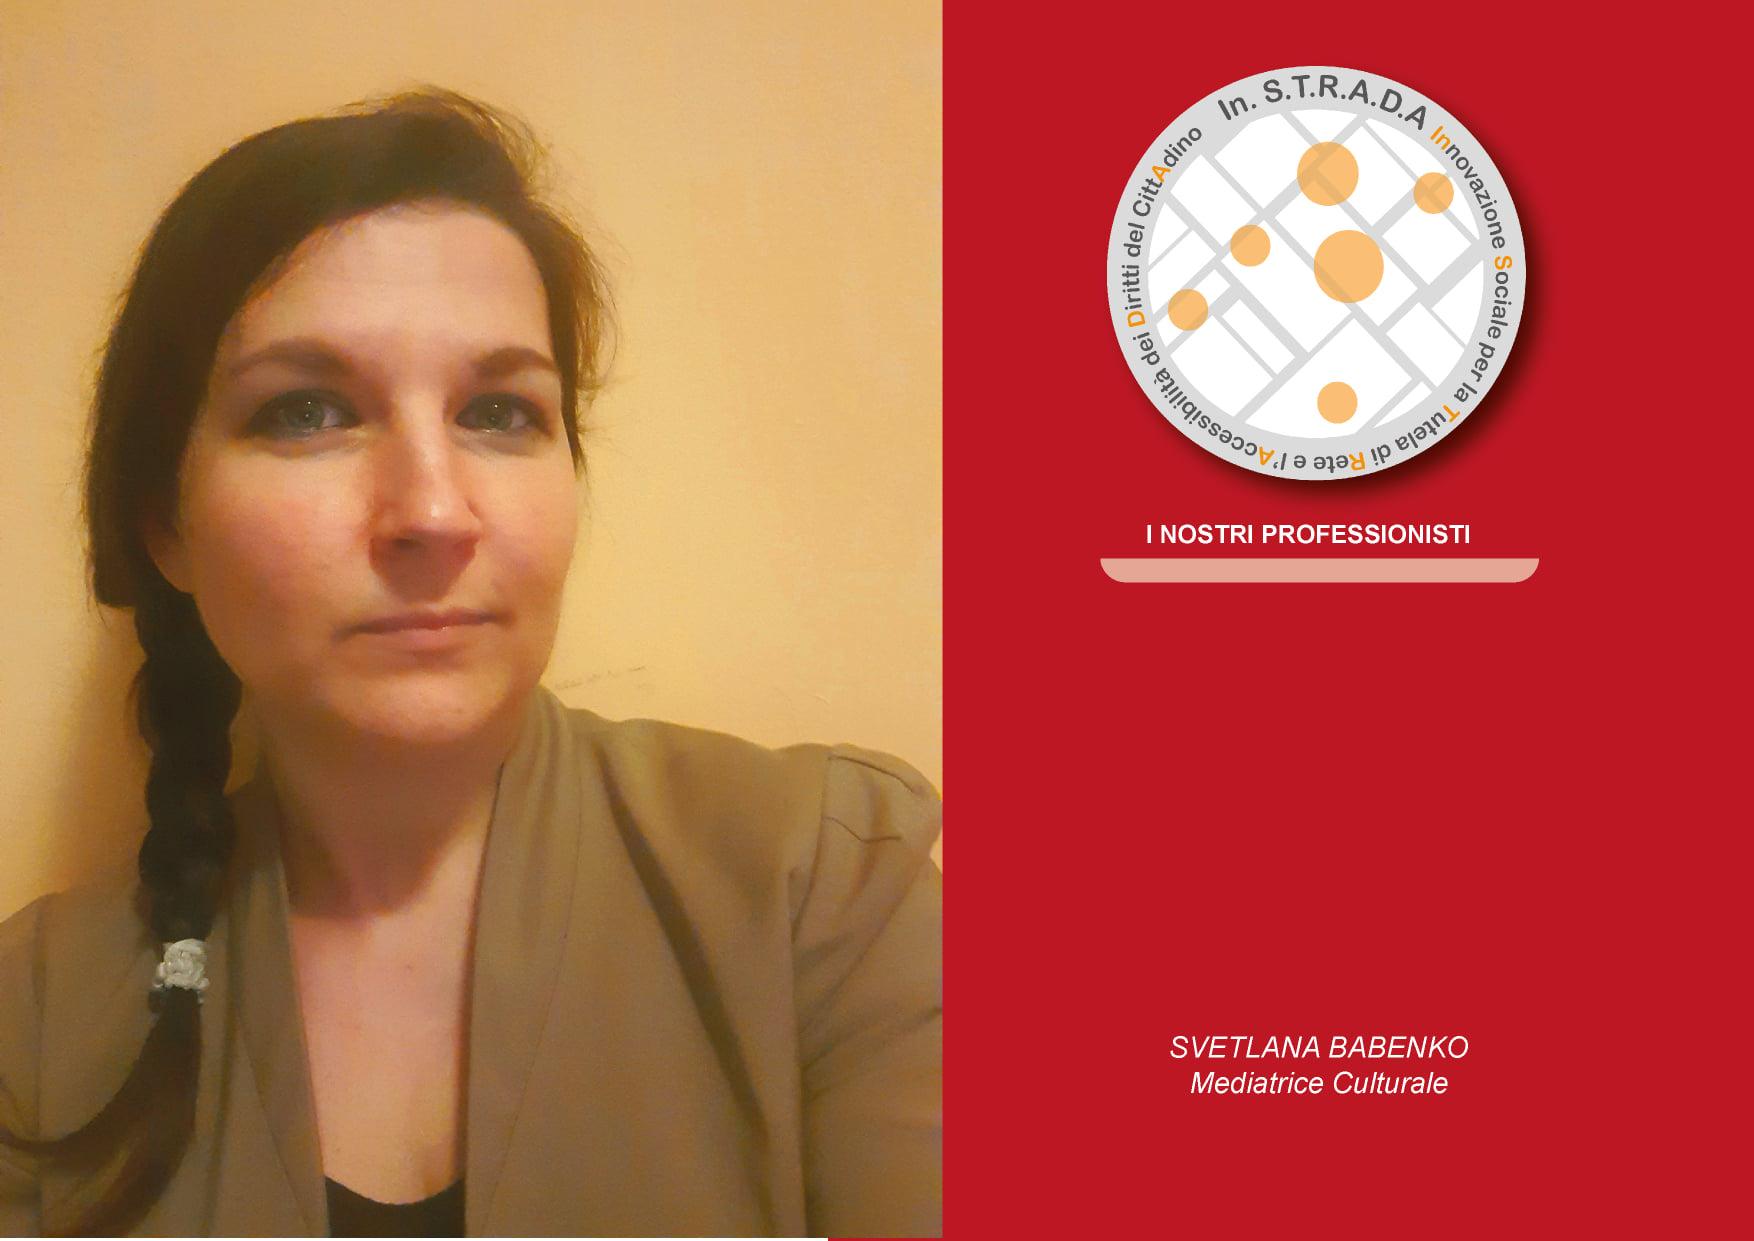 Associazione In.S.T.R.A.D.A, Svetlana Babenko, mediatrice culturale